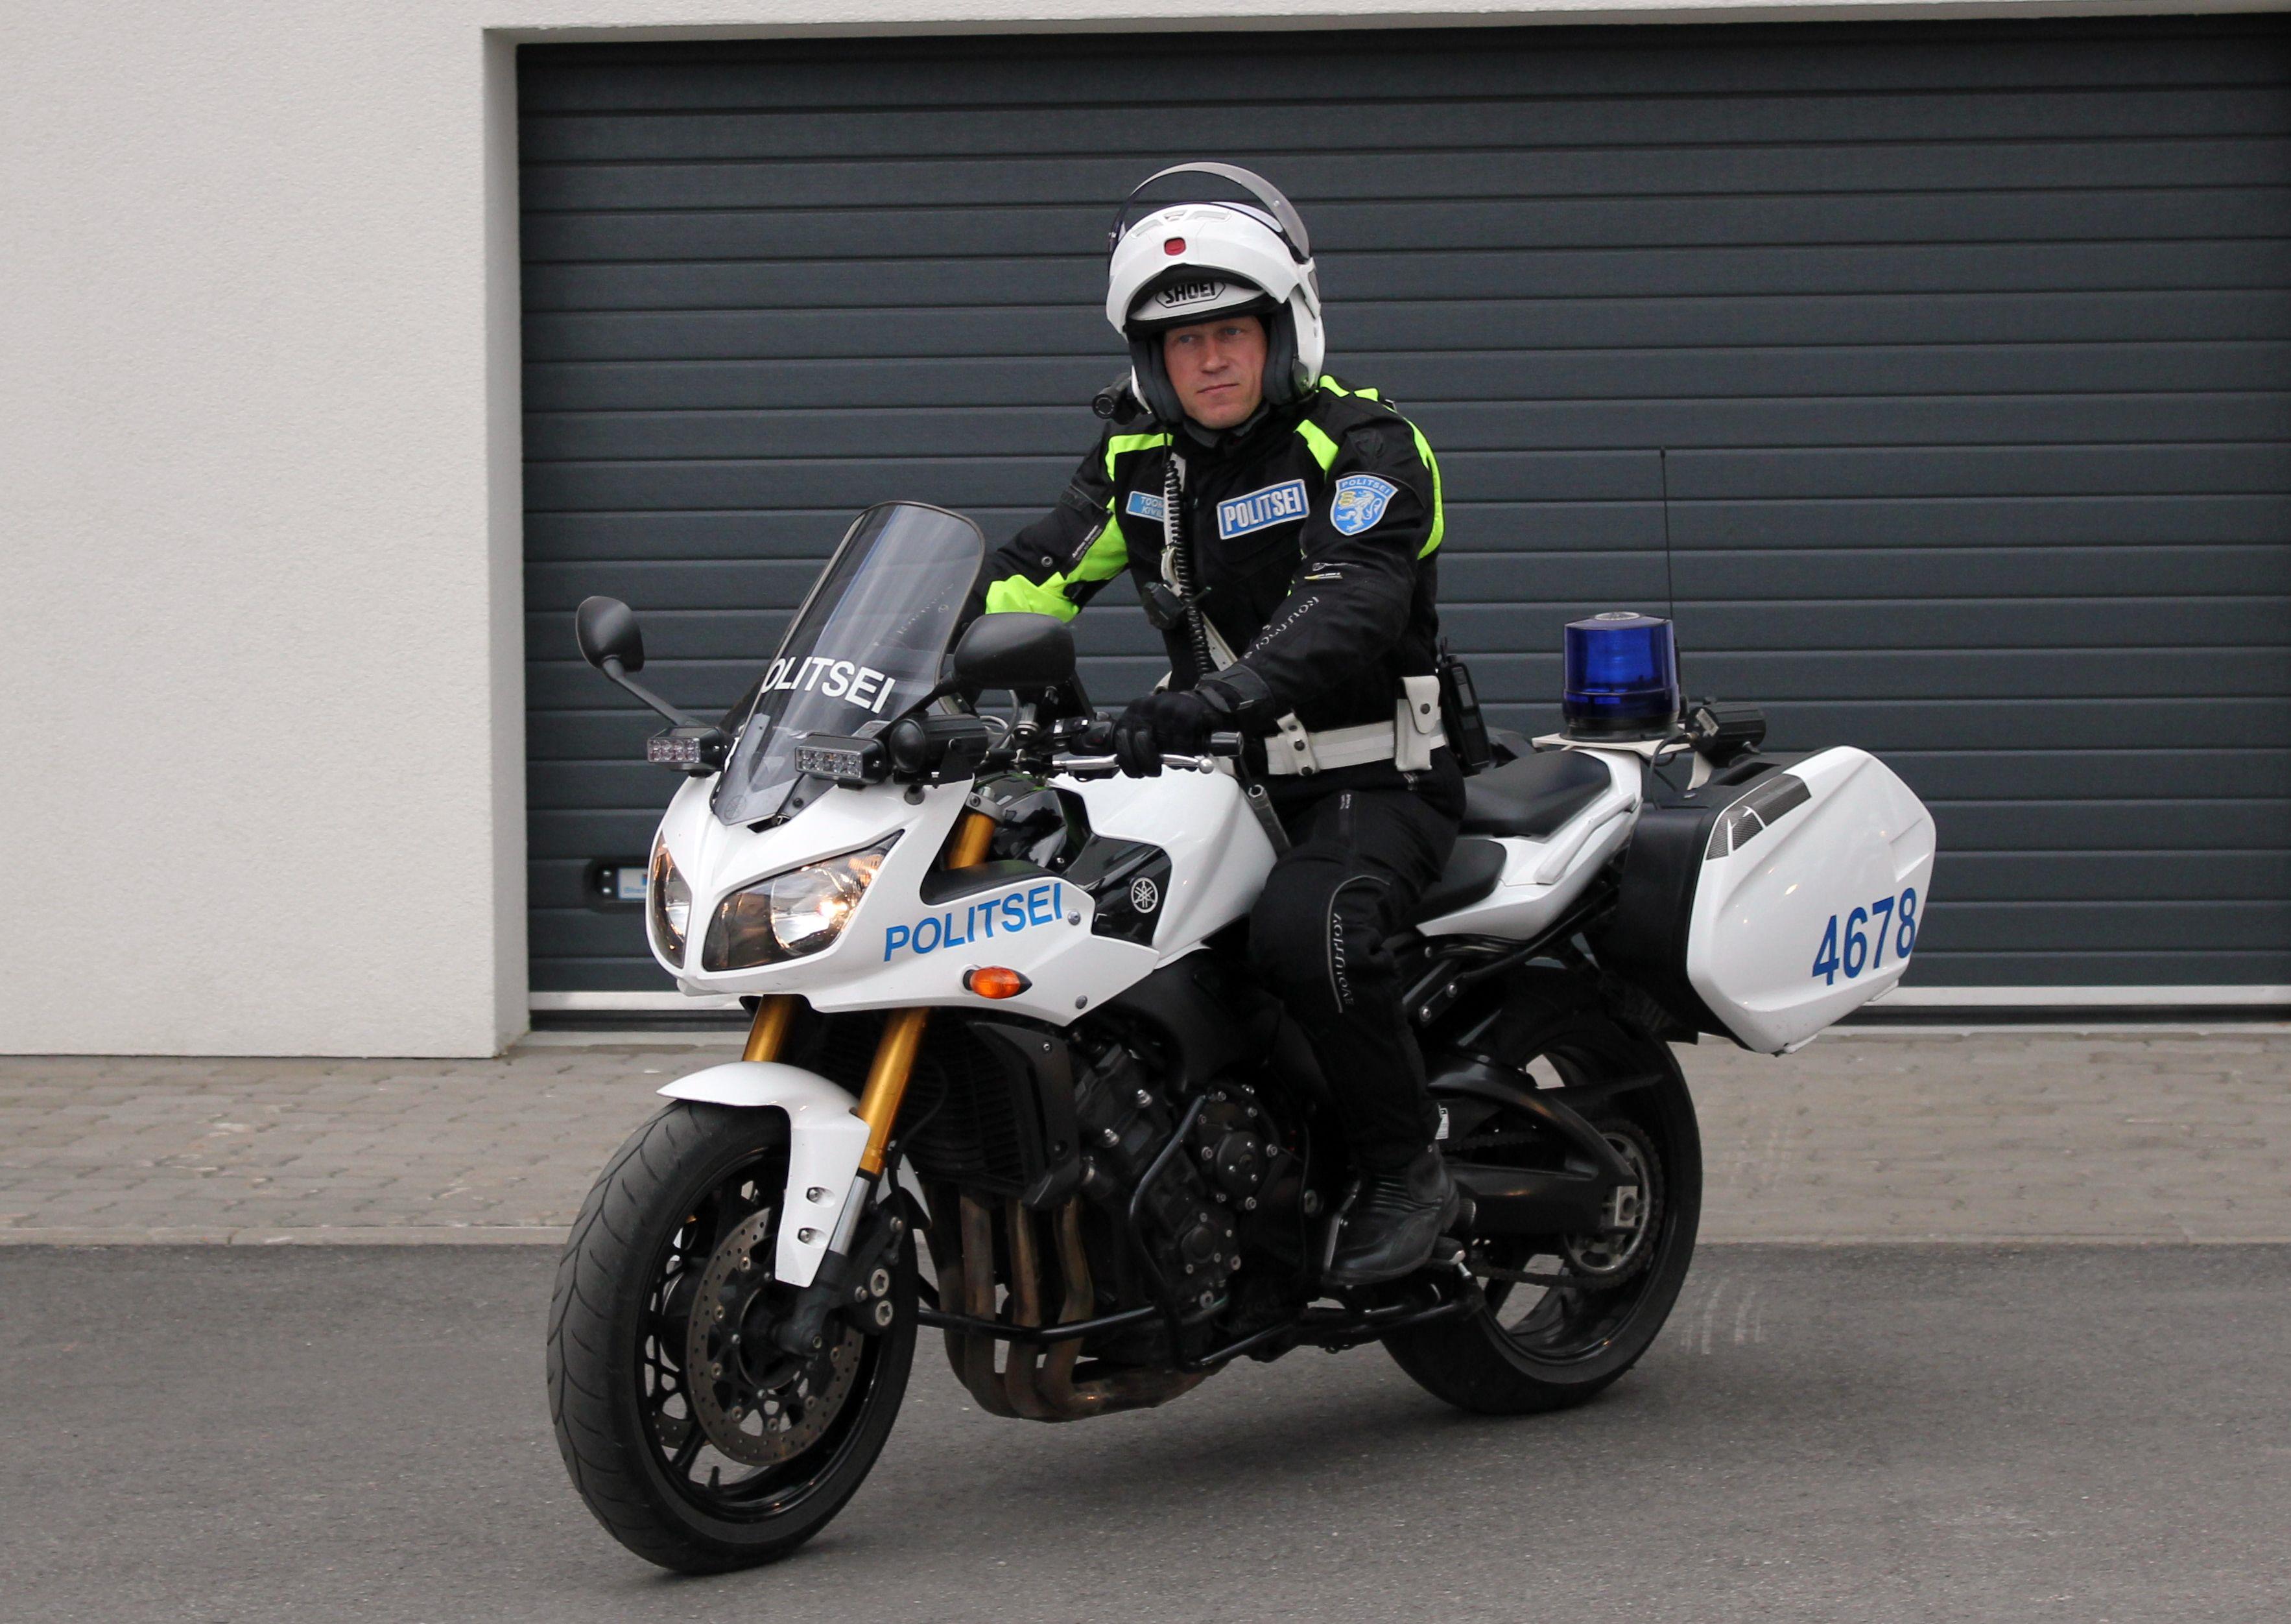 Politsei täiendab mootorrattaparki